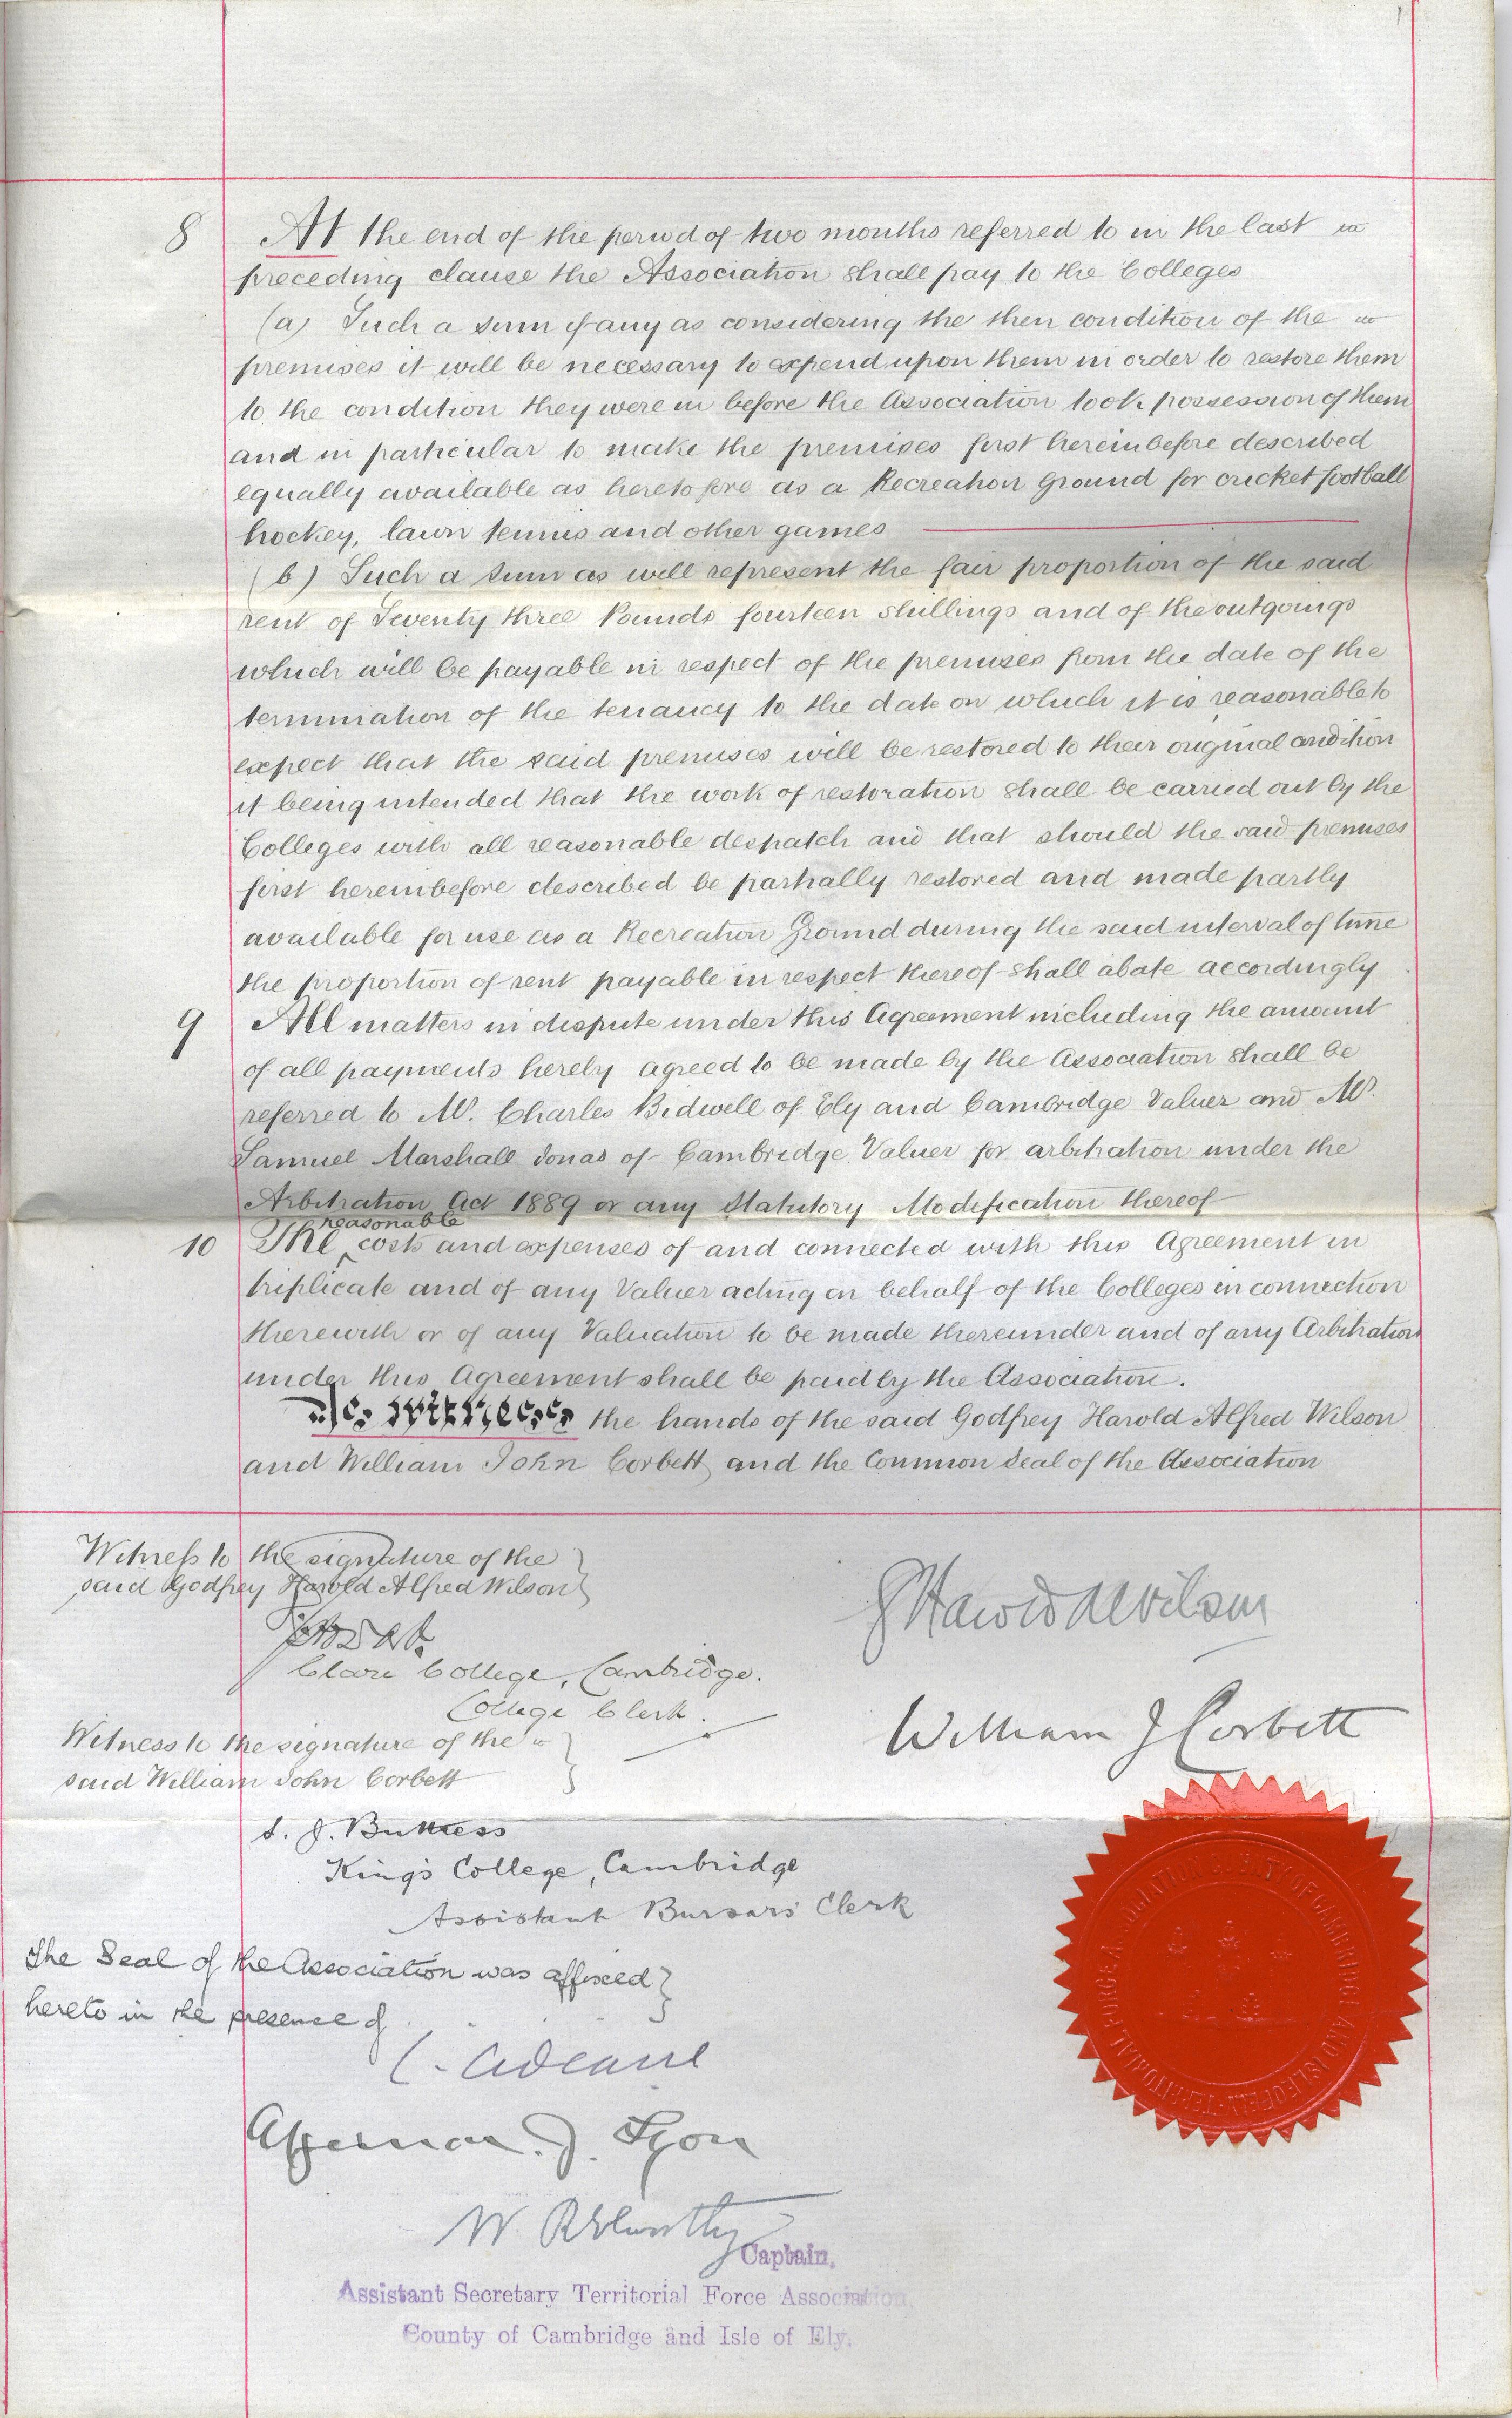 Memorandum of Agreement (duplicate), 1 December 1915, page 3 (KCAR/3/1/8/31)